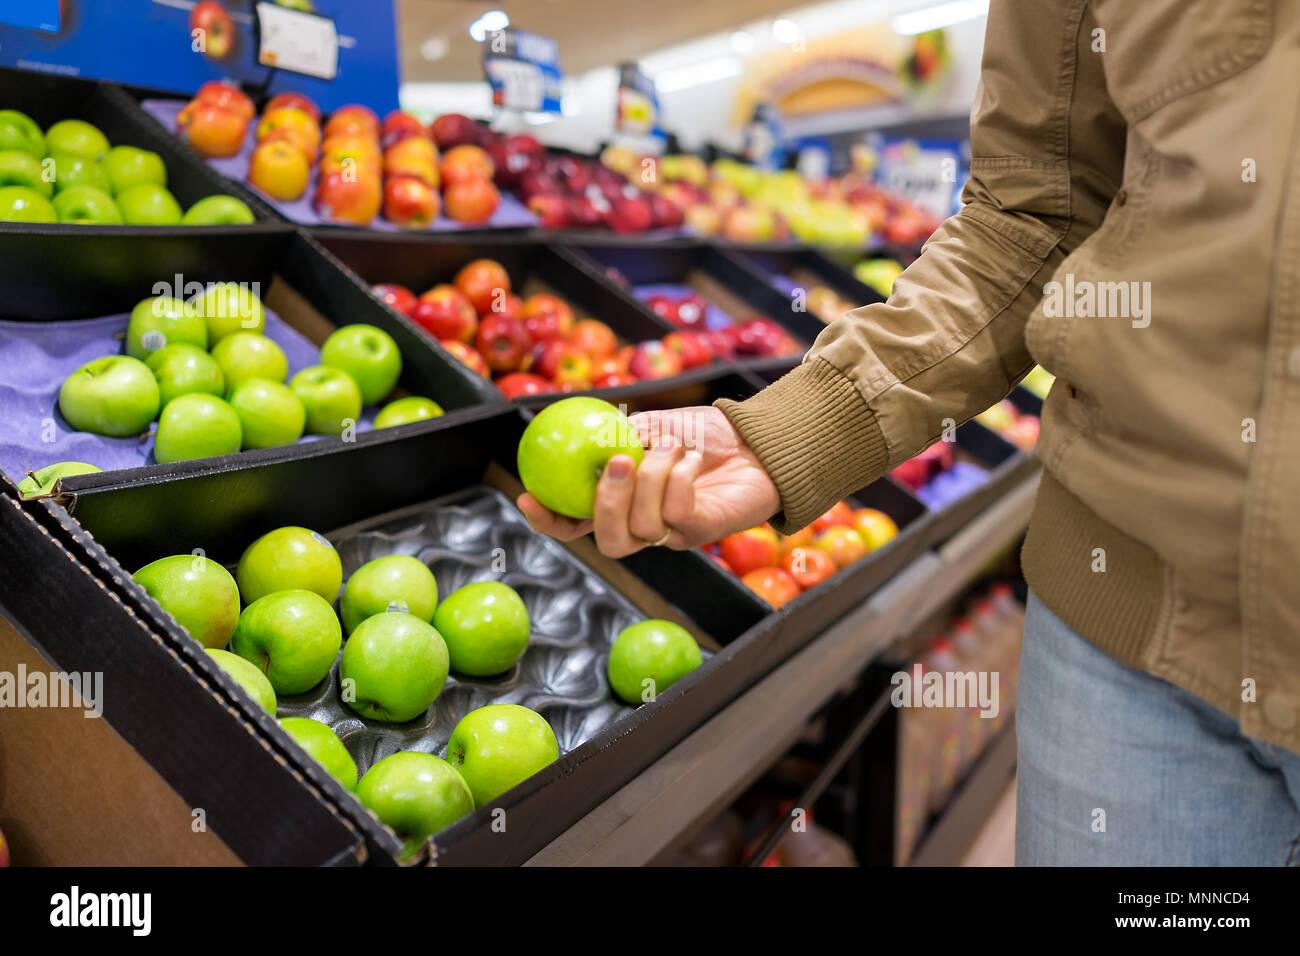 Muchas variedades de manzanas surtidas en escaparate de tienda de ultramarinos casillas en pasillo, supermercado, el hombre persona cliente holding verde granny smith fr Imagen De Stock